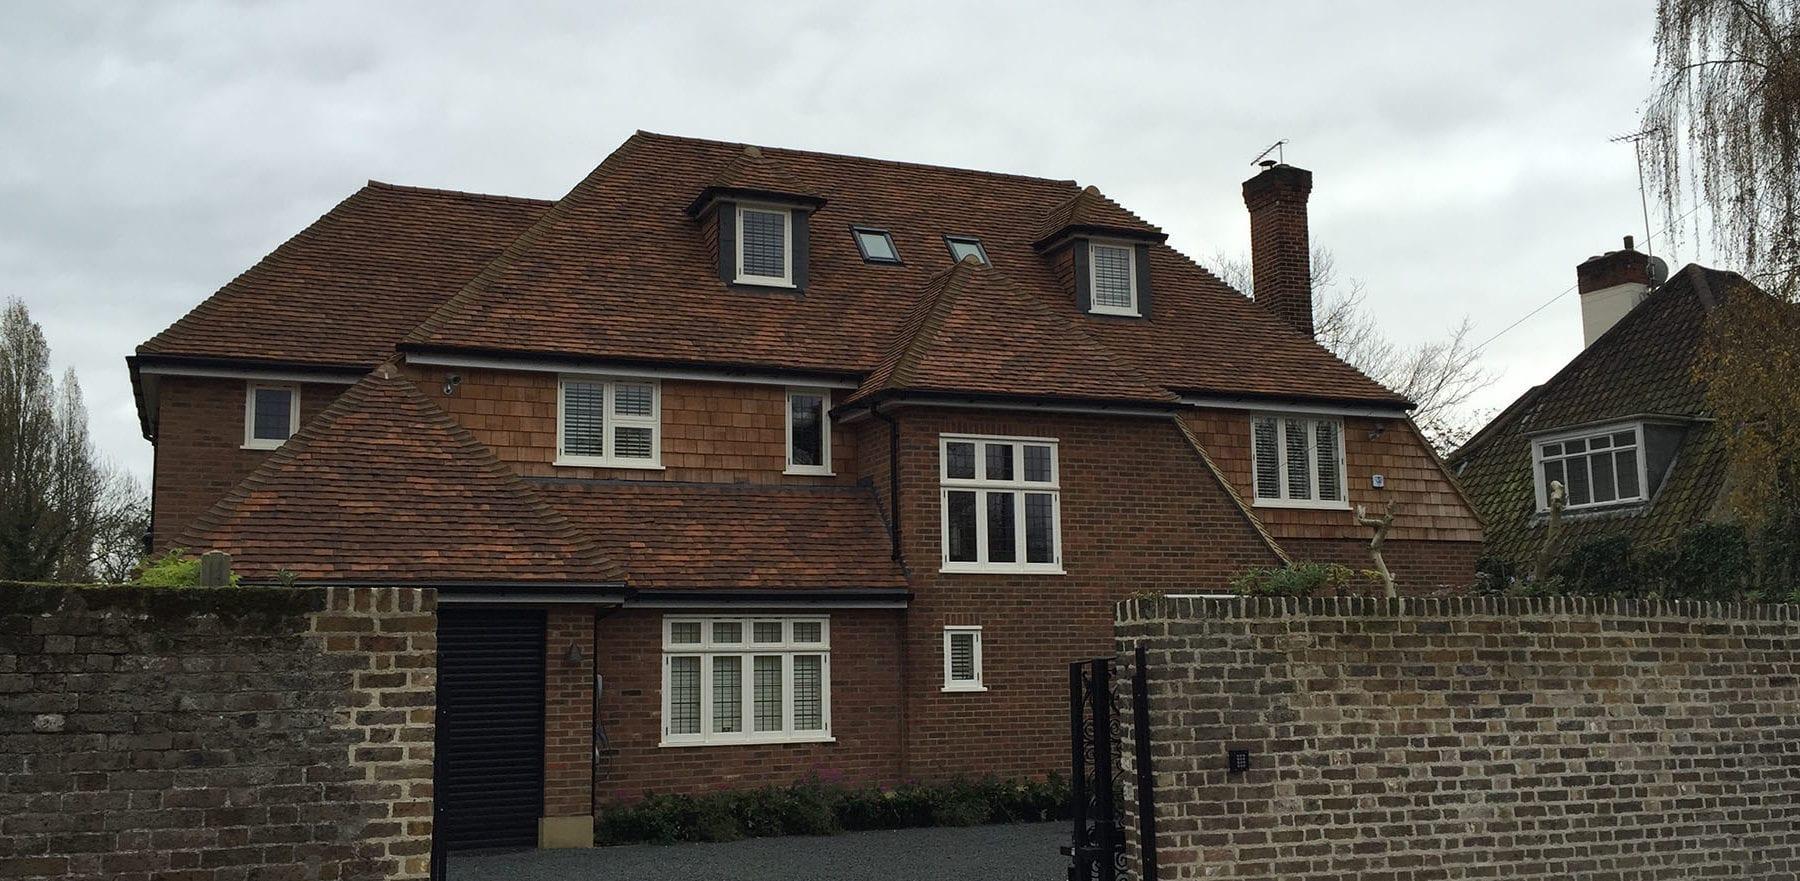 Lifestiles - Handmade Oakhurst Clay Roof Tiles - Hampton Hill, England 2